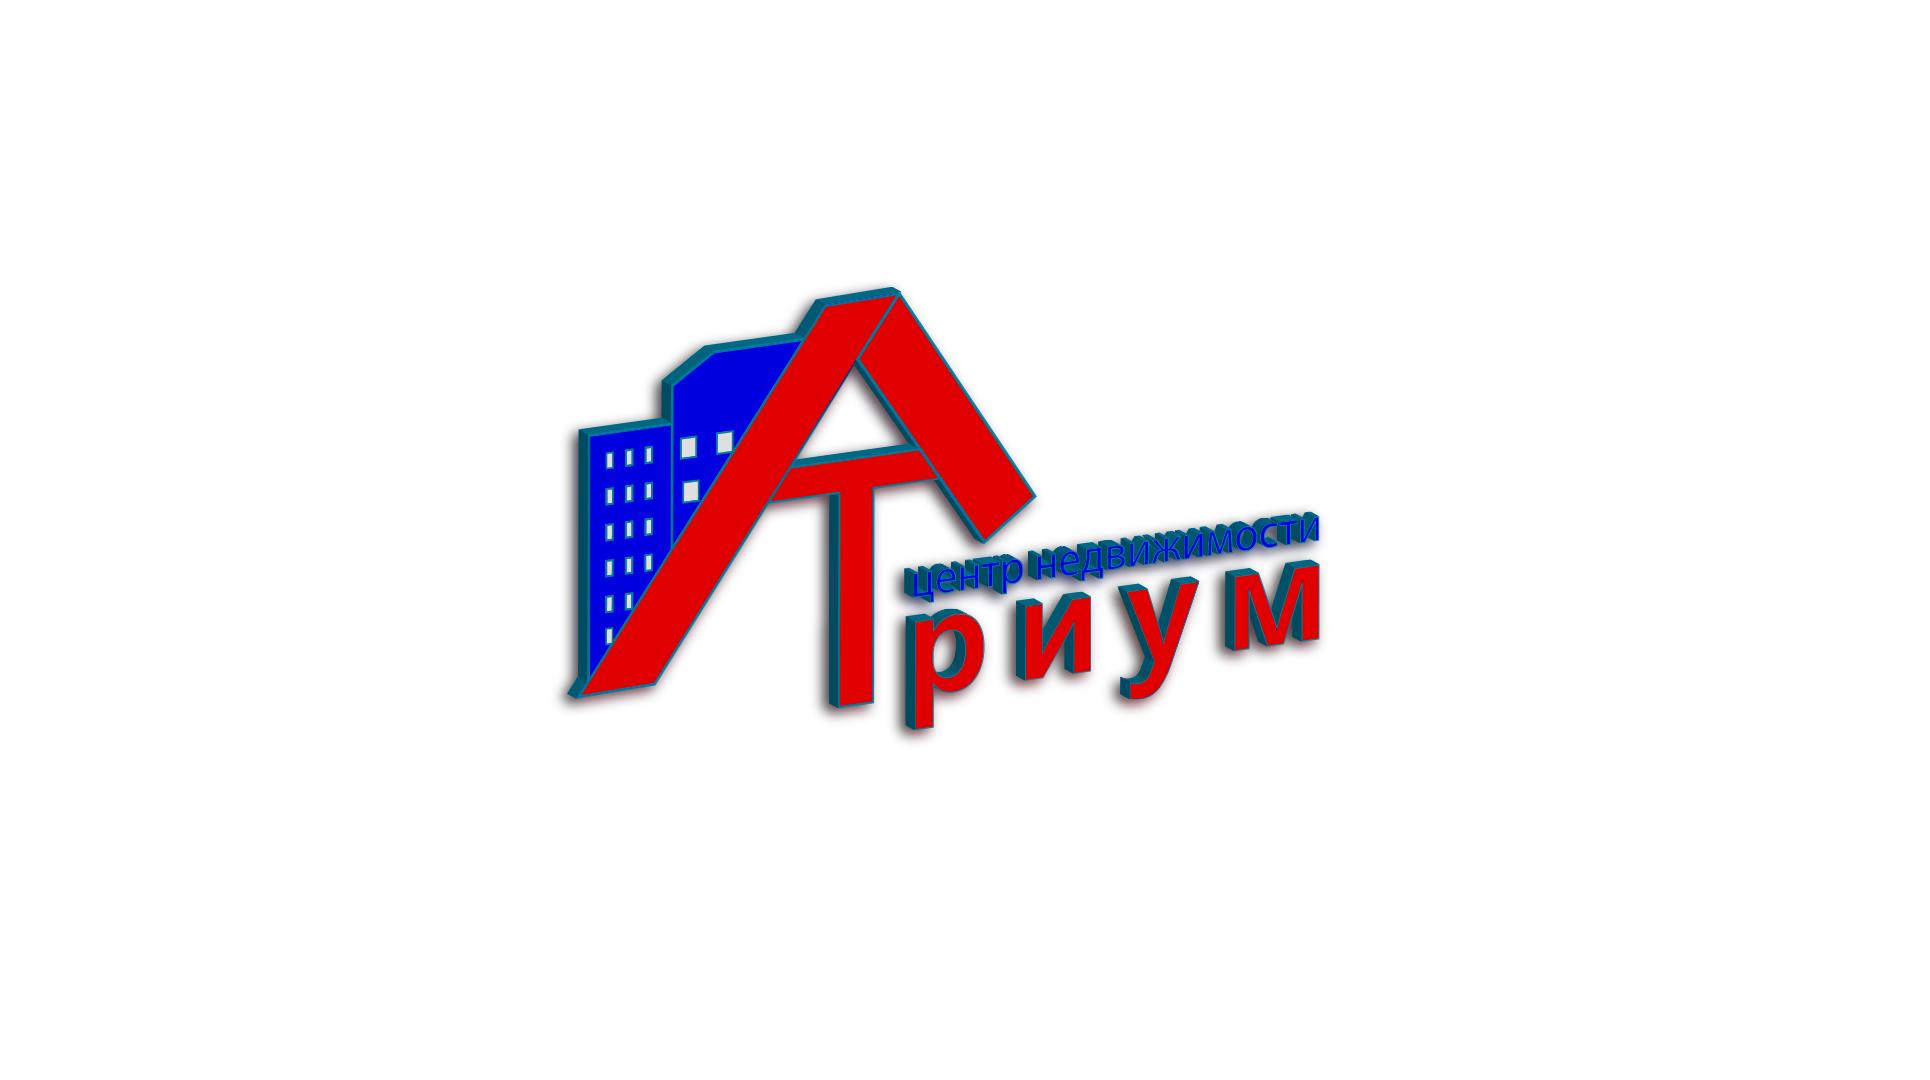 Редизайн / модернизация логотипа Центра недвижимости фото f_0225bc3dd844f774.jpg